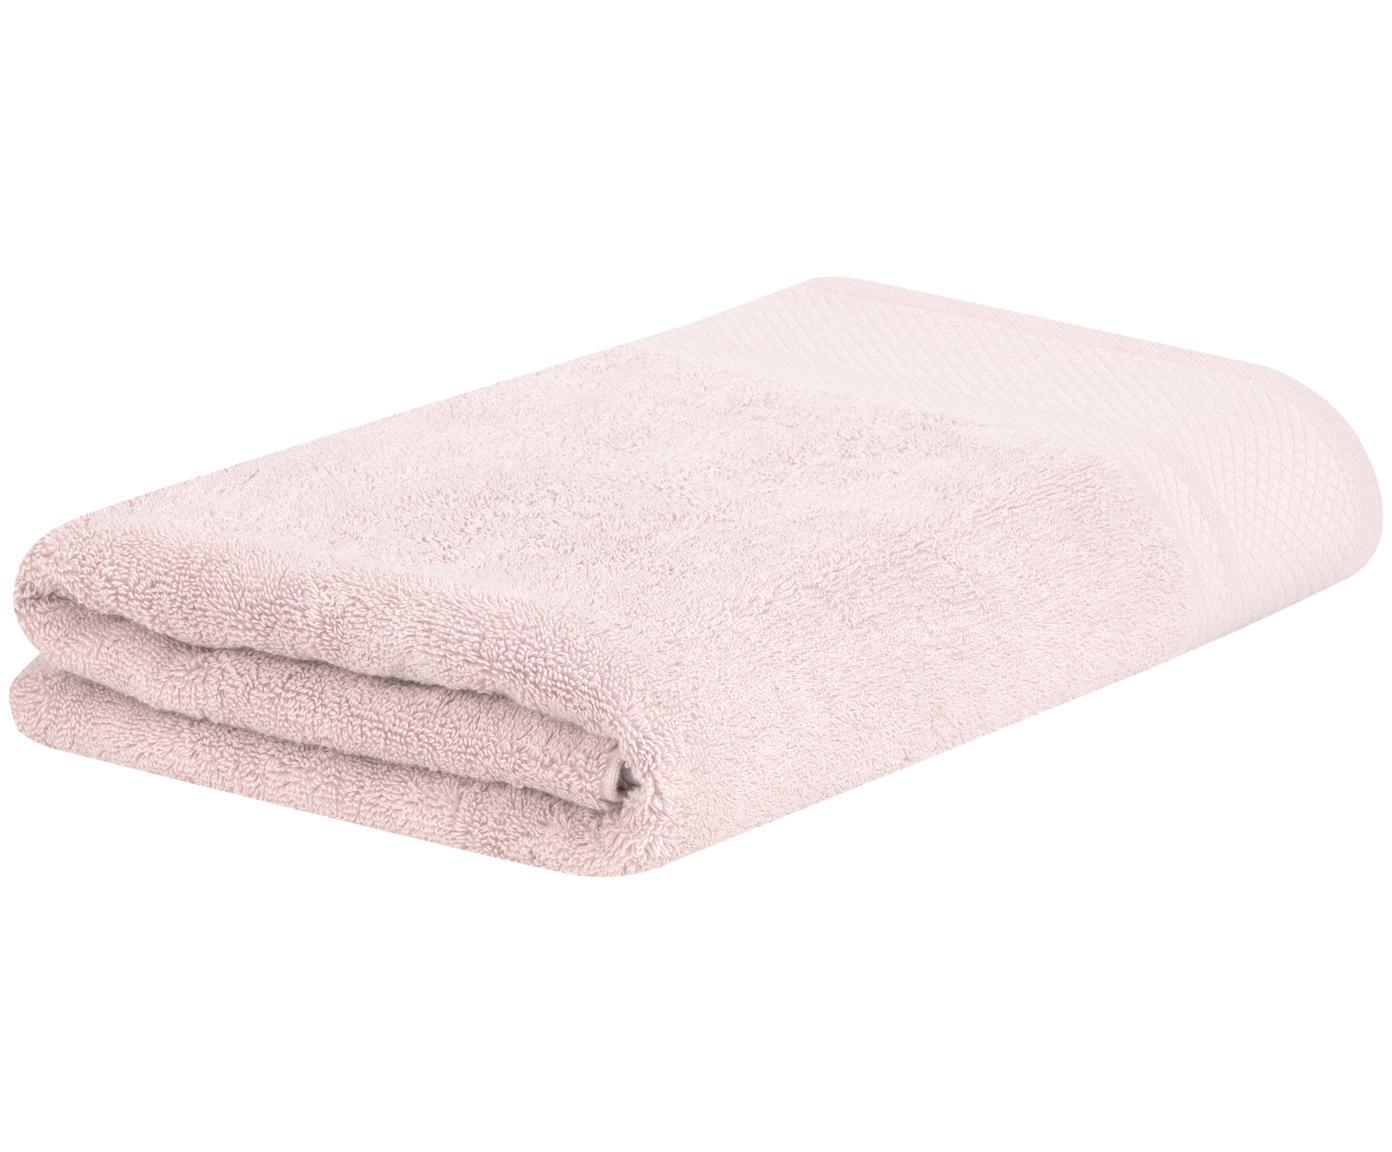 Asciugamano con bordo decorativo Premium, diverse misure, Rosa cipria, Asciugamano